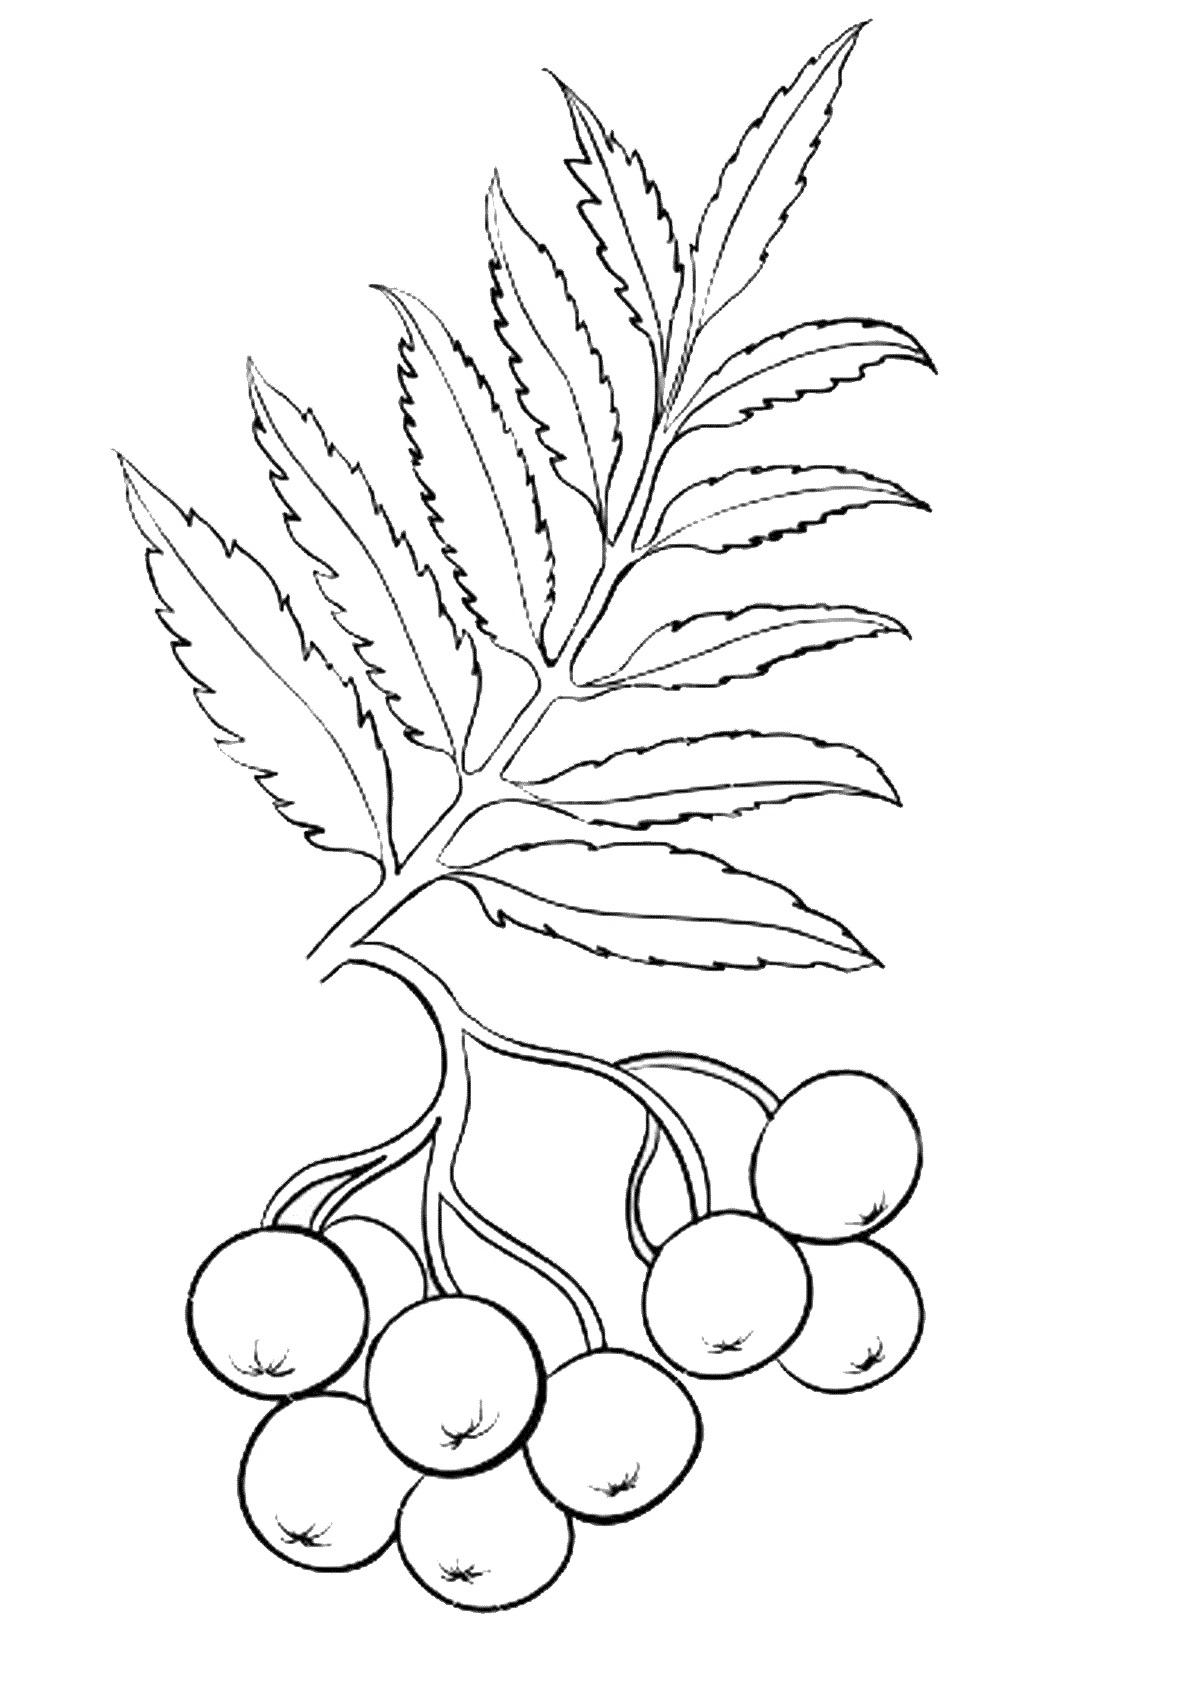 раскраска гроздь рябины распечатать своих коллекциях